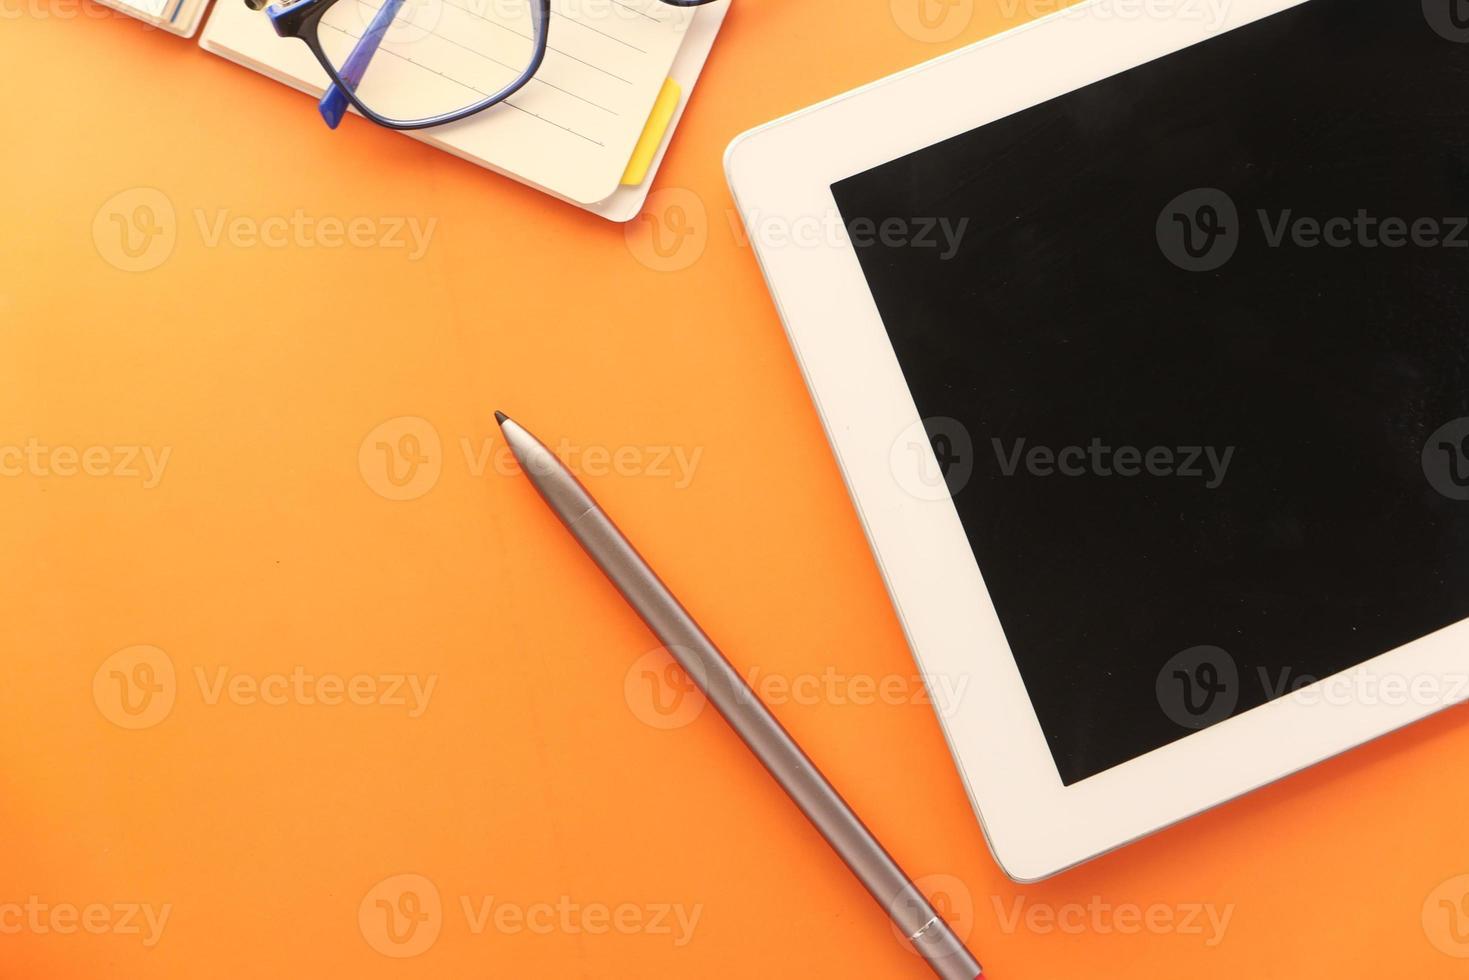 digitale tablet en stylus op oranje achtergrond foto